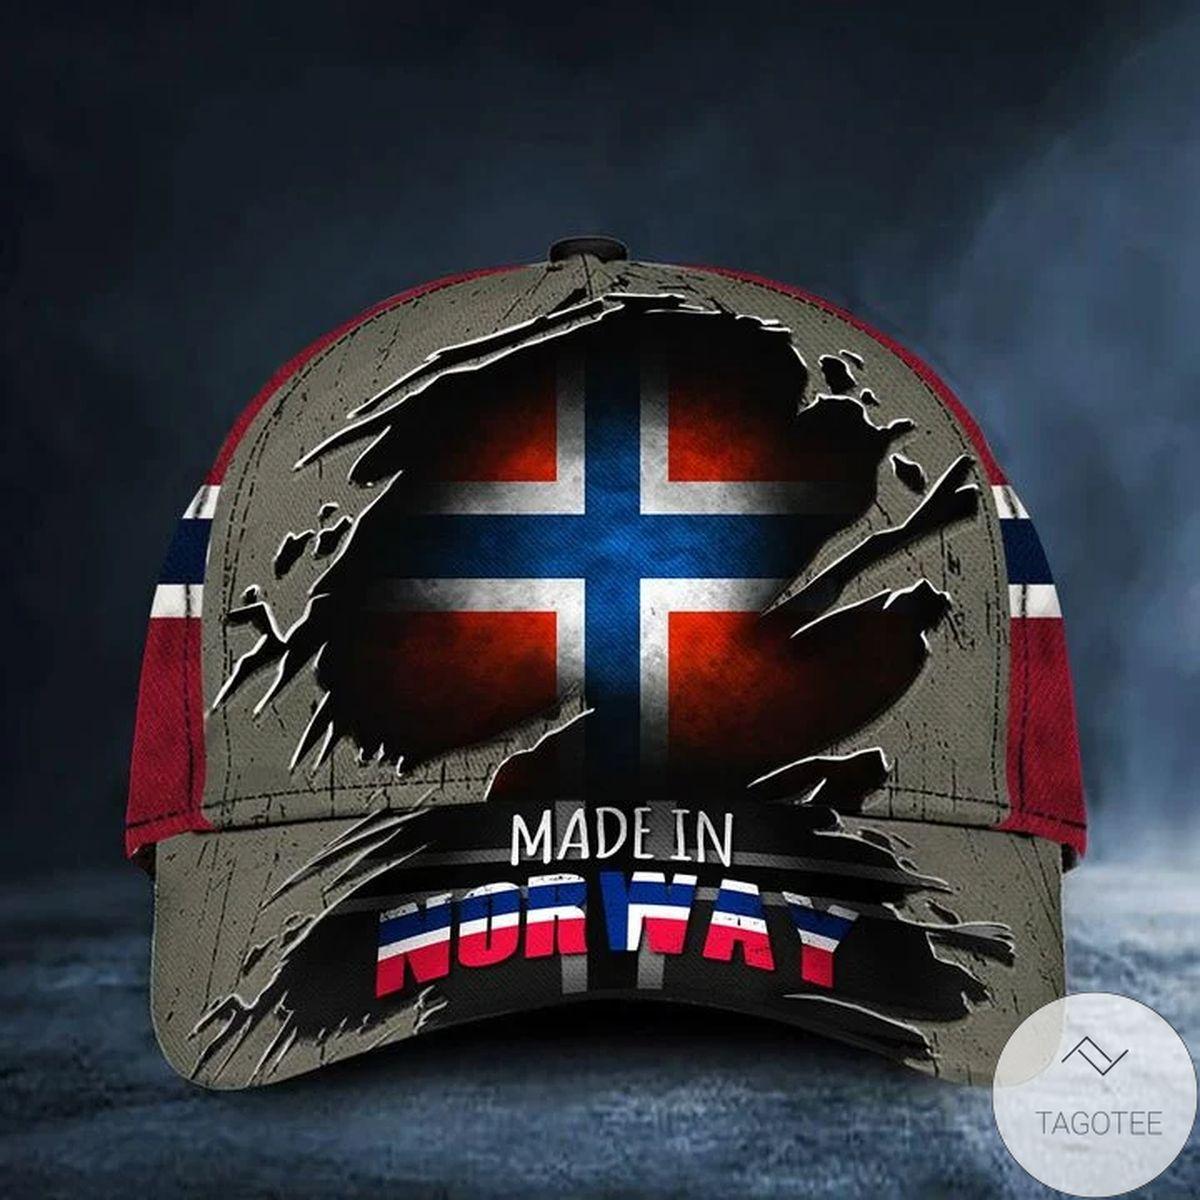 Made In Norway Cap Old Retro Norway Flag Cap Proud Of Norwegian Merchandise Gift